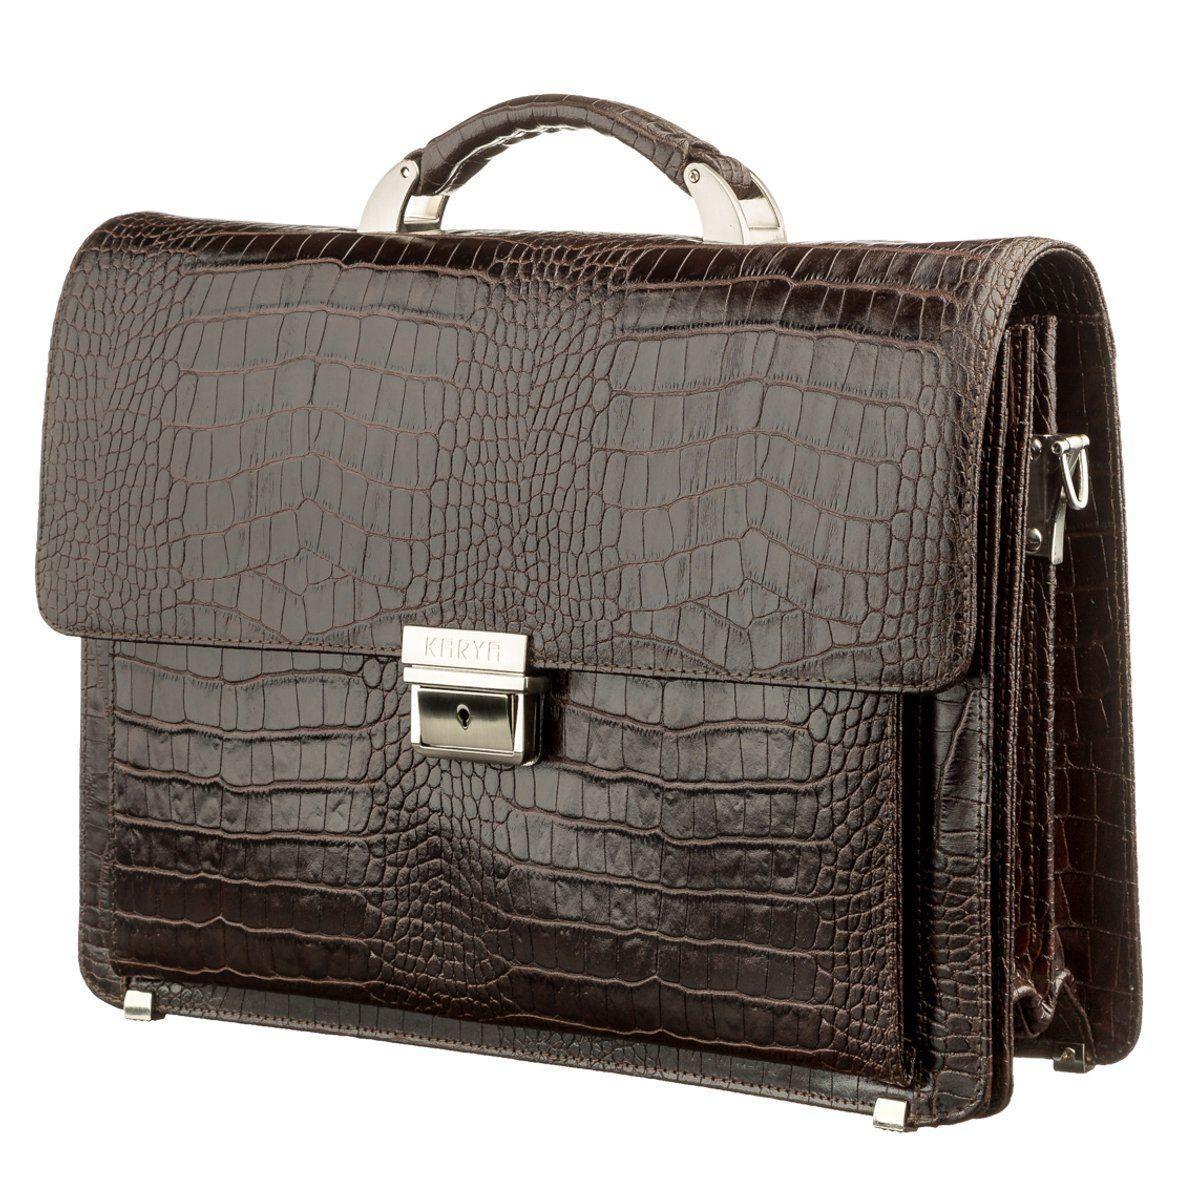 Портфель мужской KARYA 17270 кожаный Коричневый с тиснением под крокодНет в наличии